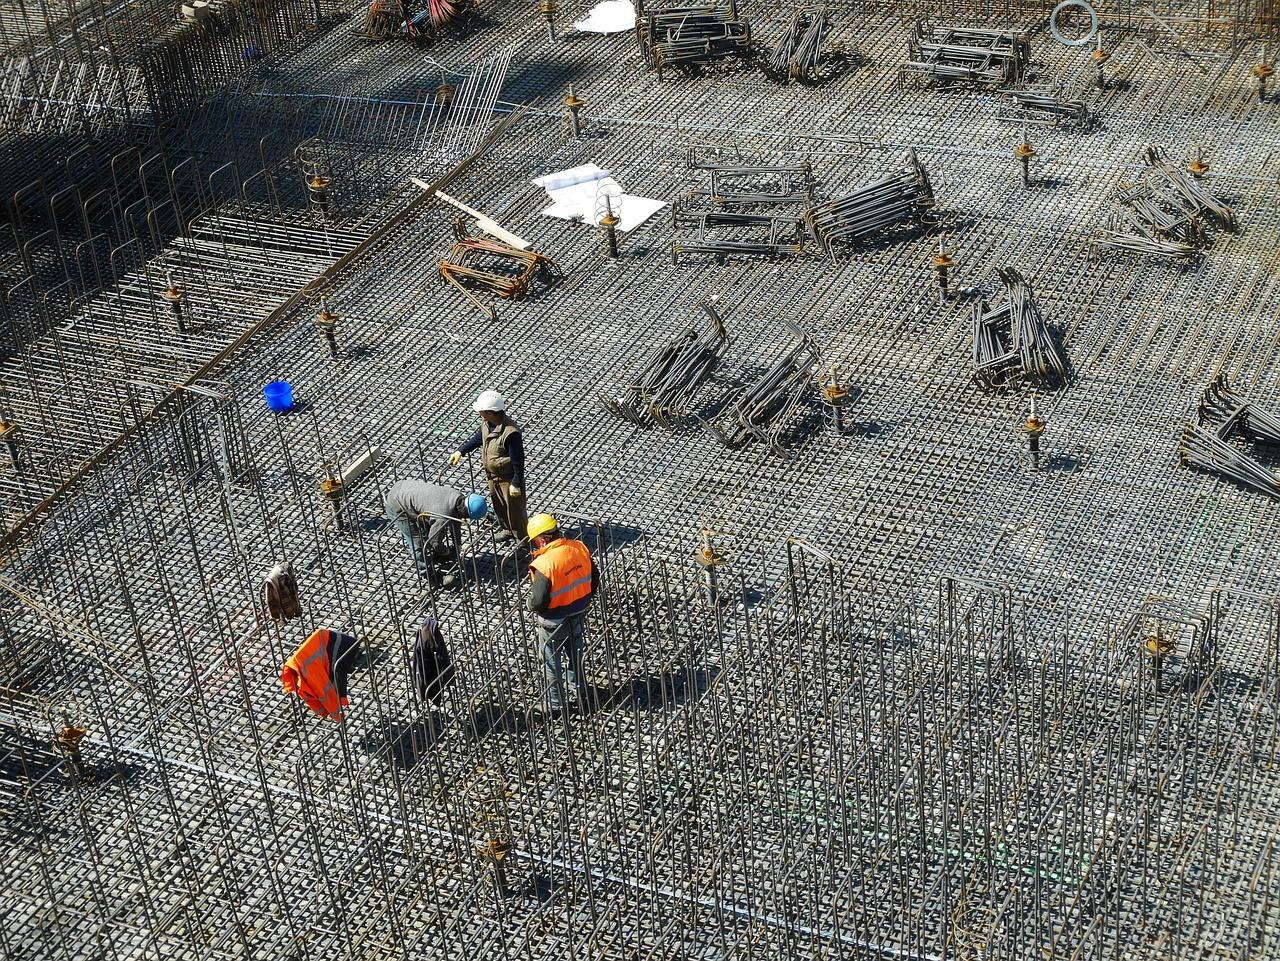 עובדים באתרי בנייה וחשופים לסכנות תאונת עבודה באתרי בניייה